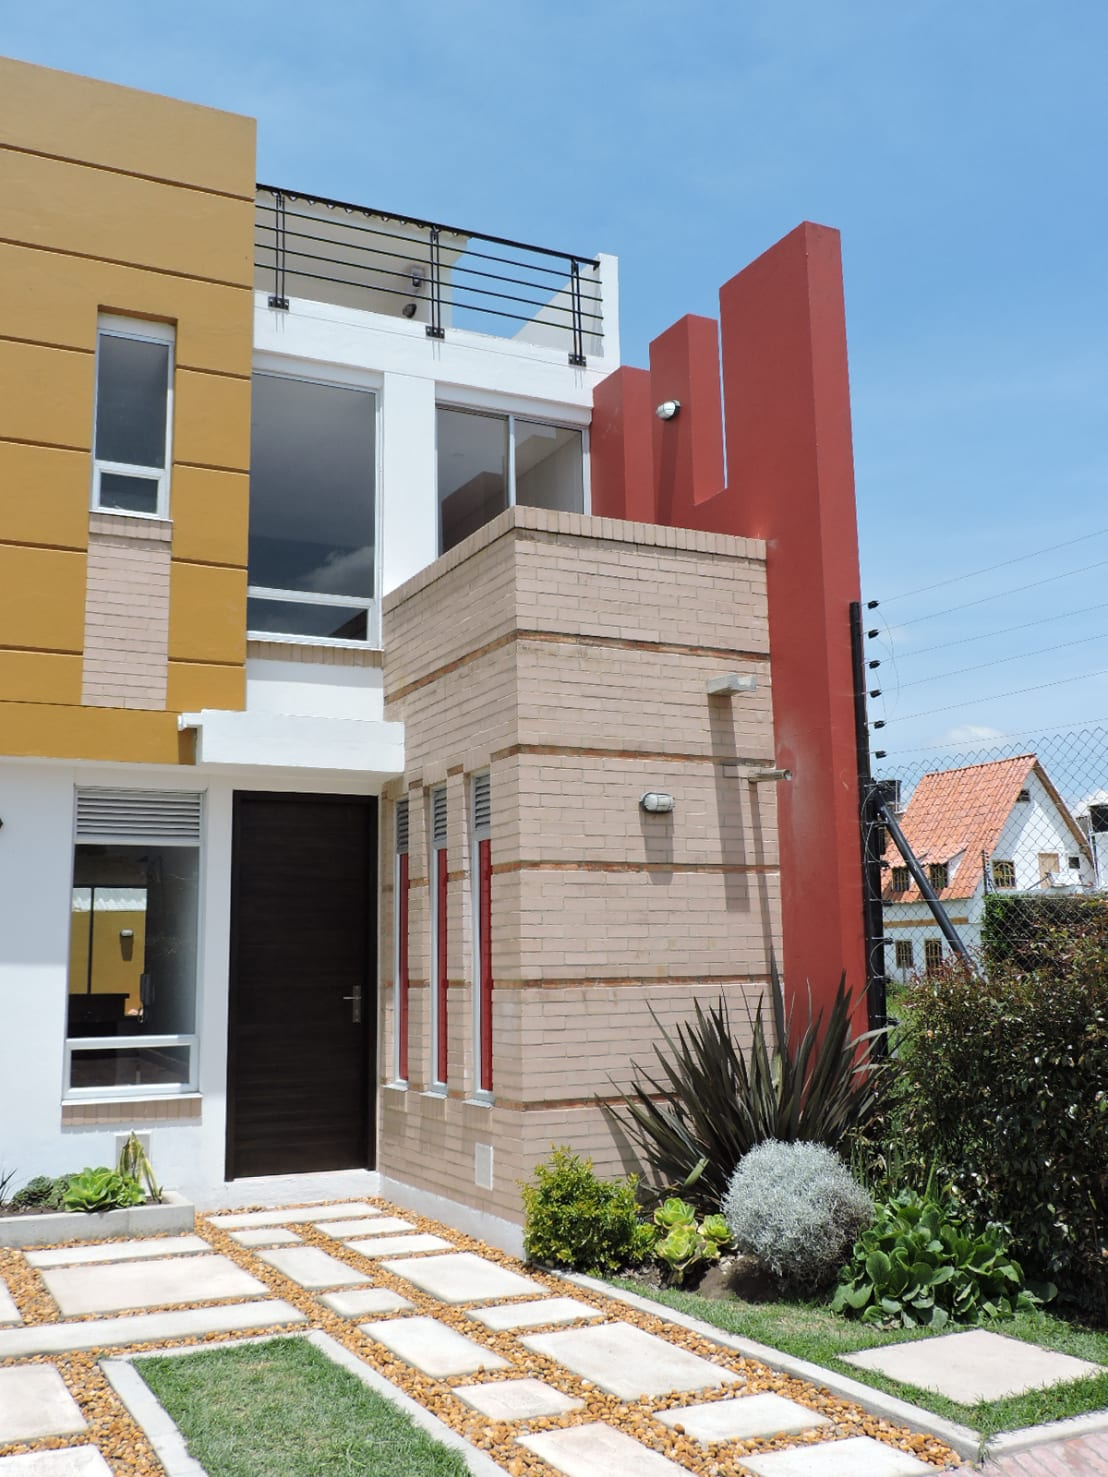 Casas conjunto terracota de dg arquitectura colombia homify for Casa colombia